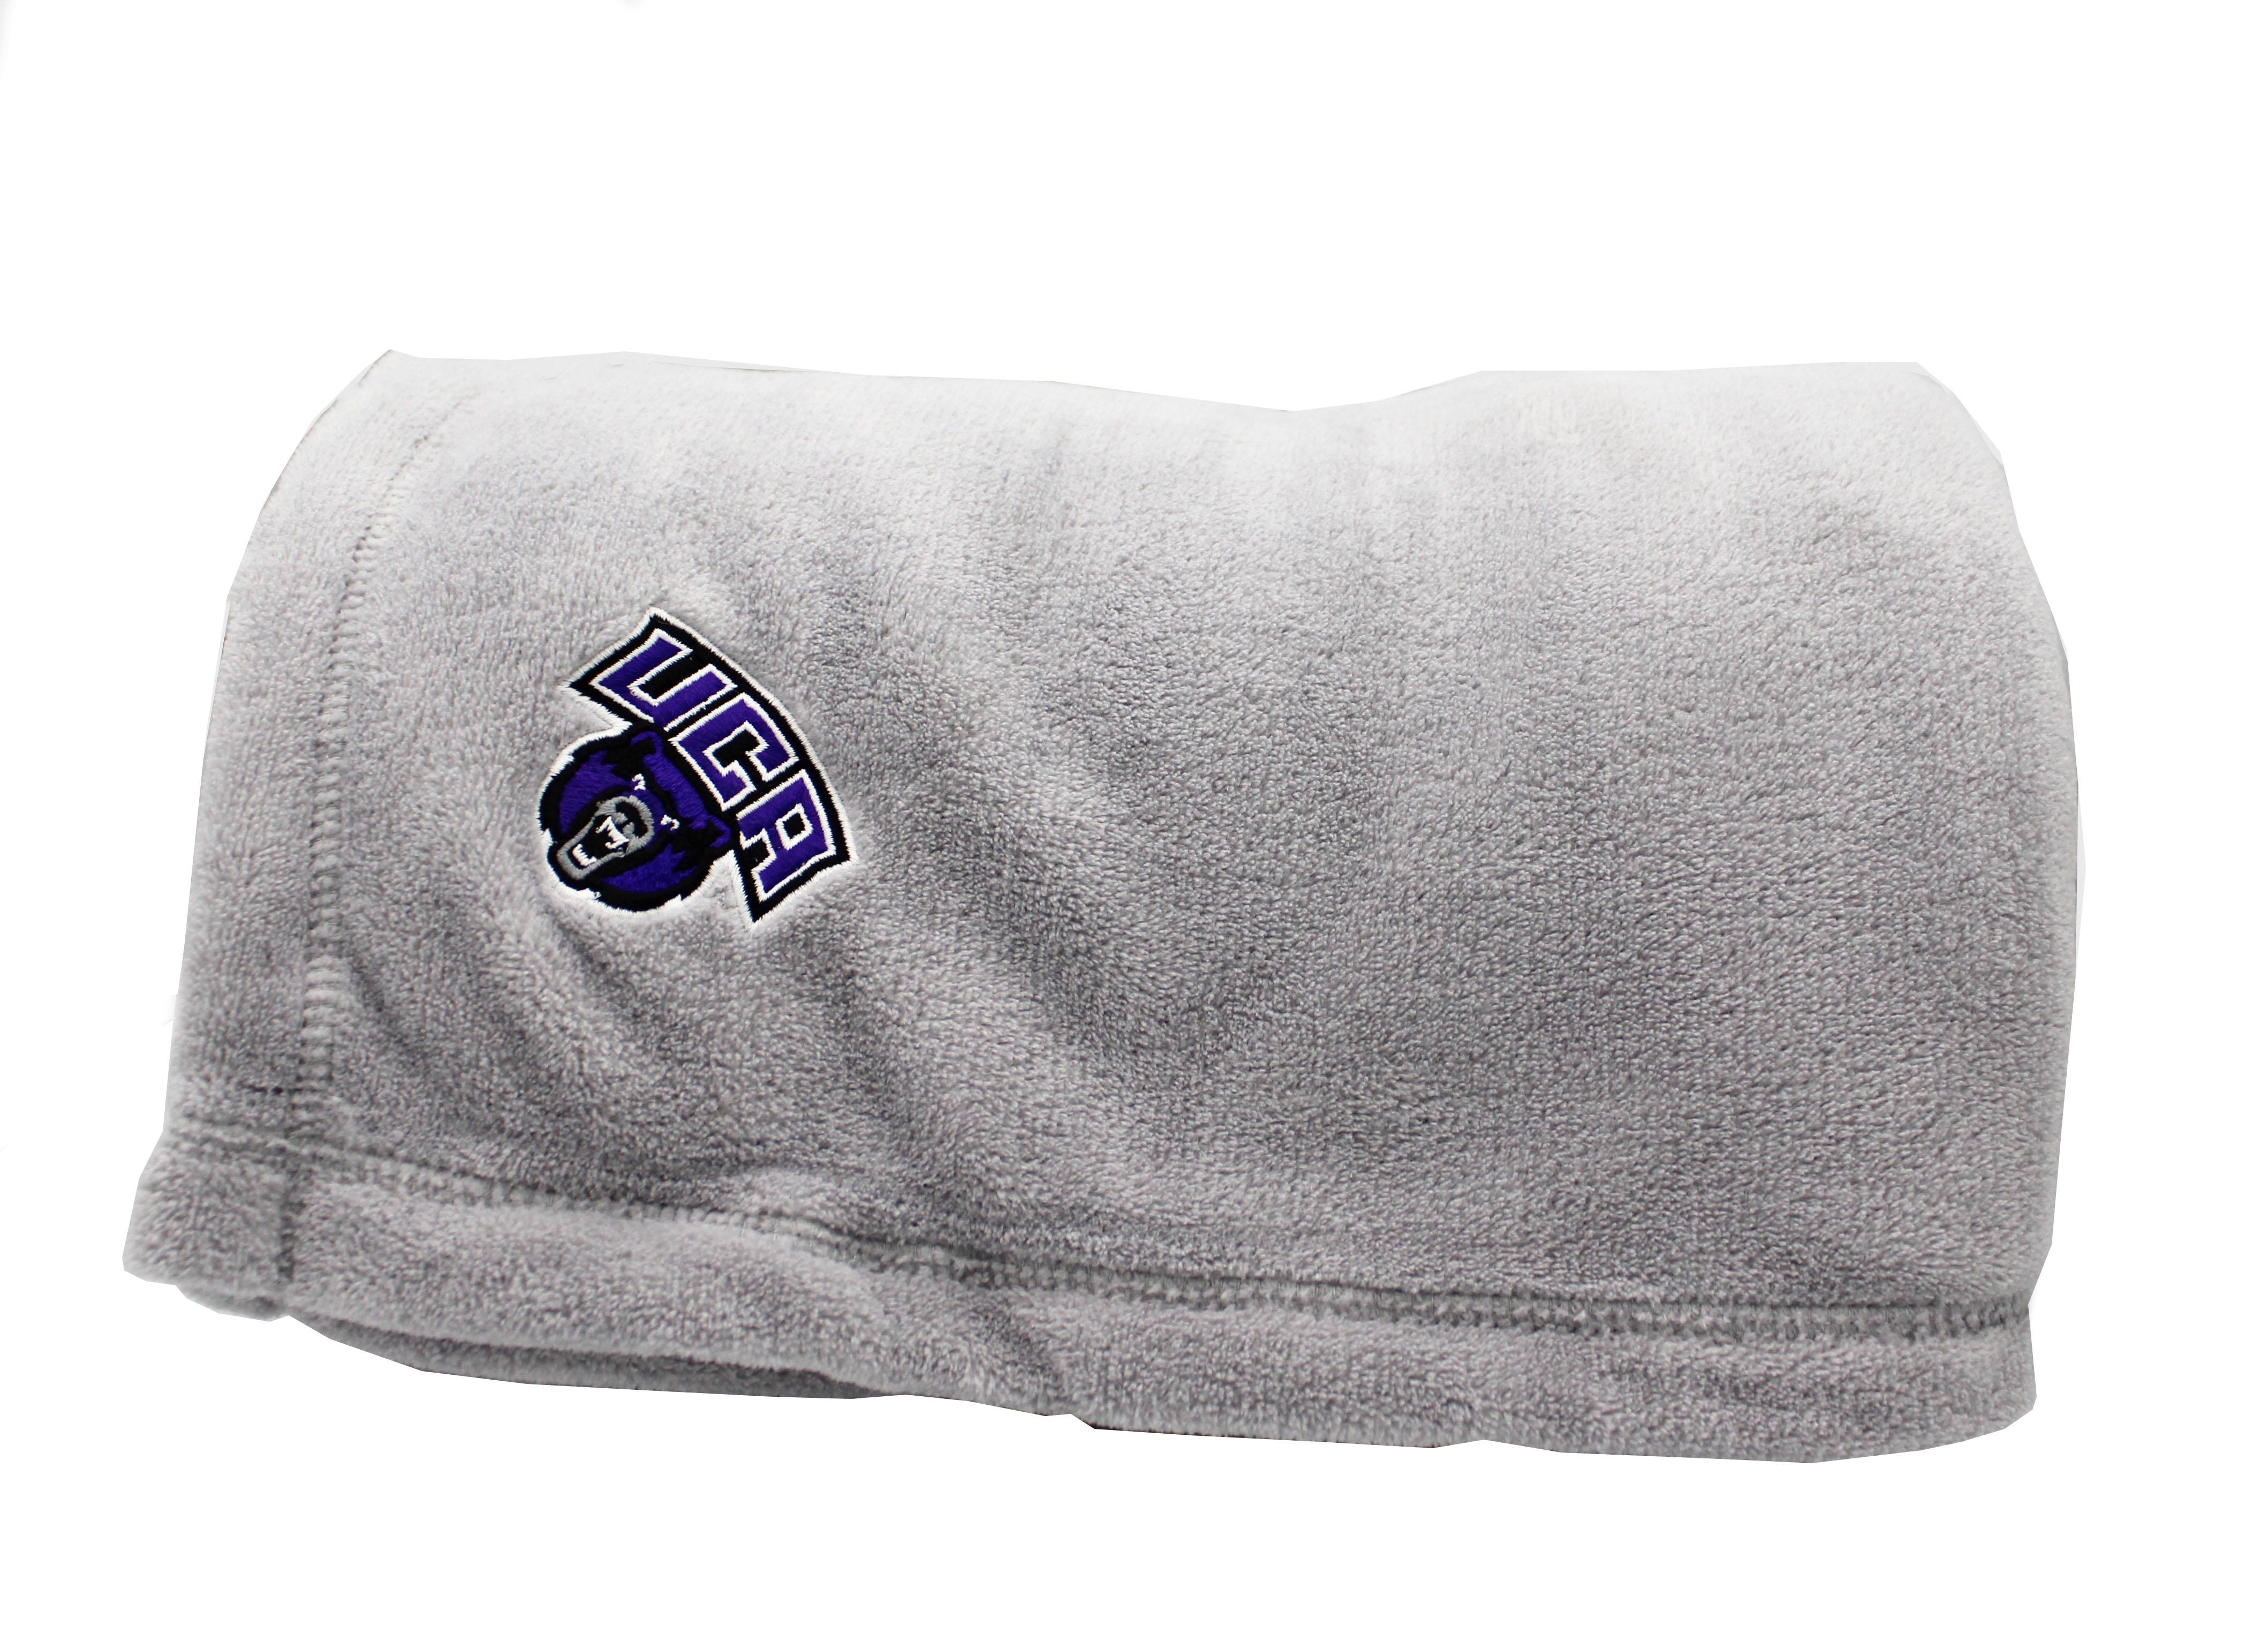 UCA Tailgate BLanket